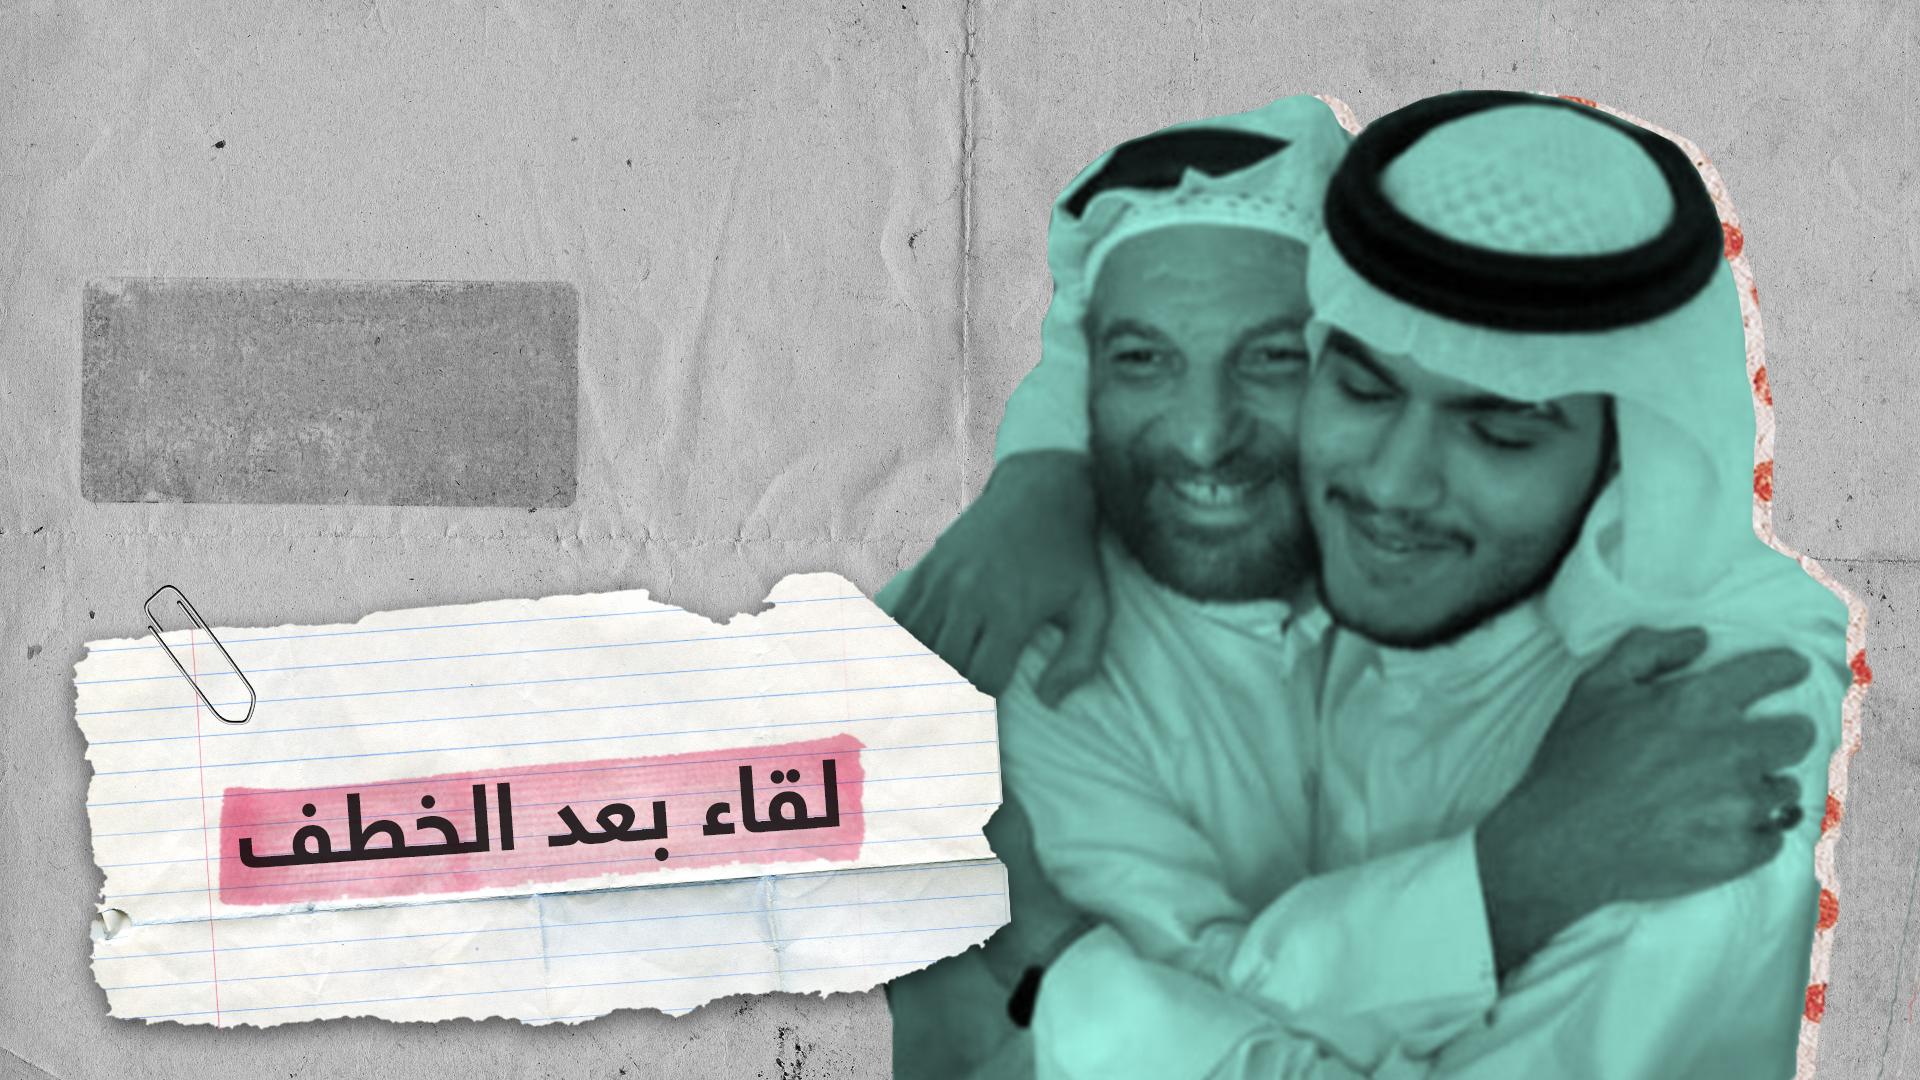 مشهد مؤثر.. لحظة لقاء والد بابنه بعد فراق دام 20 عاما بسبب خطفه